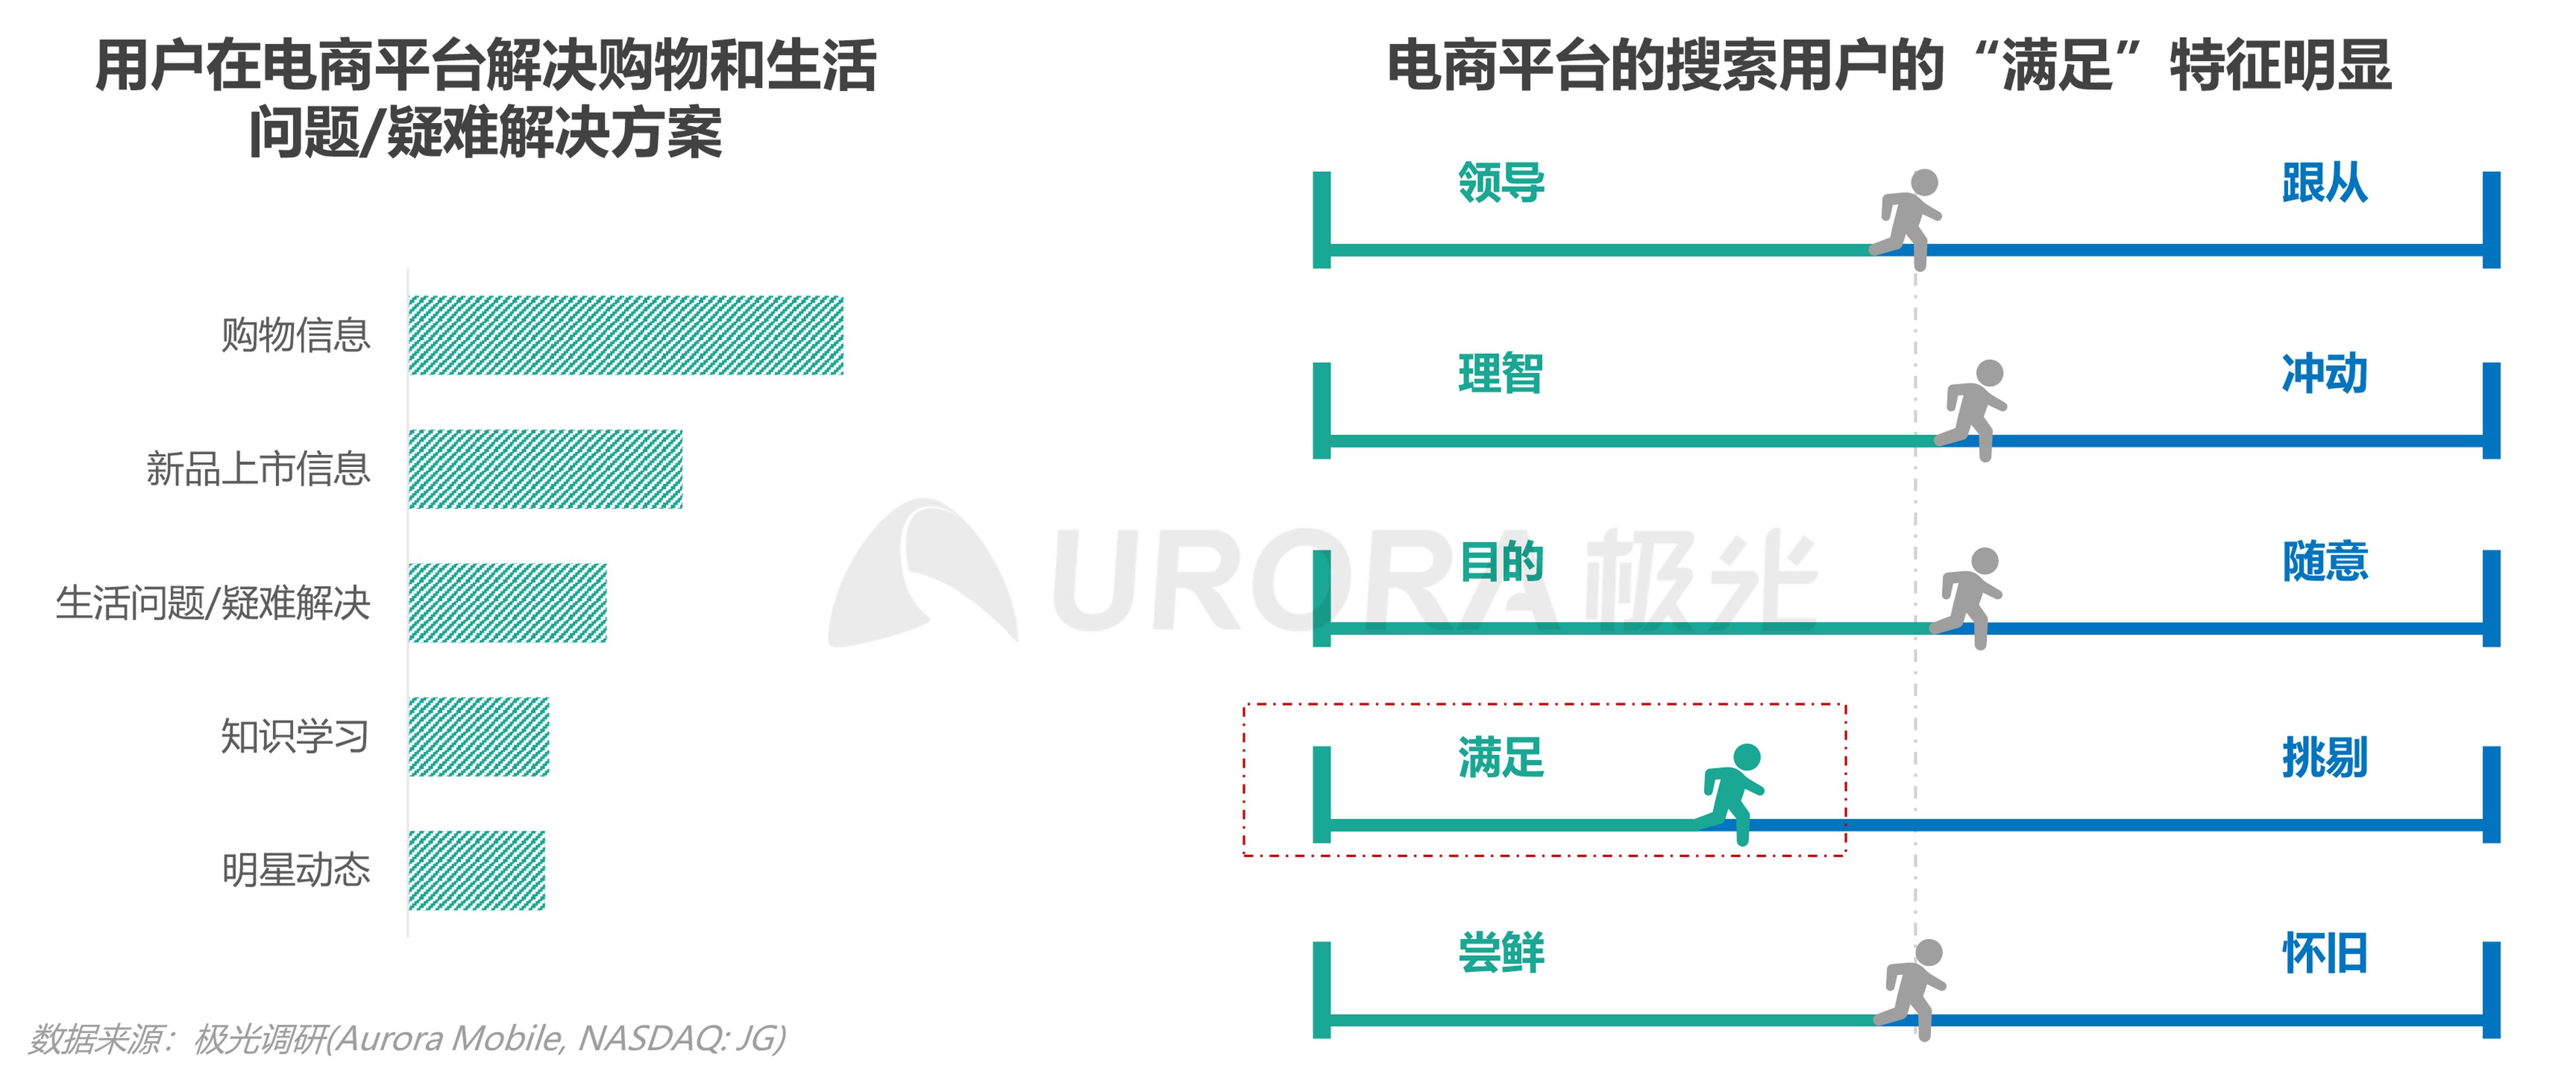 极光:内容生态搜索趋势报告png (11).png